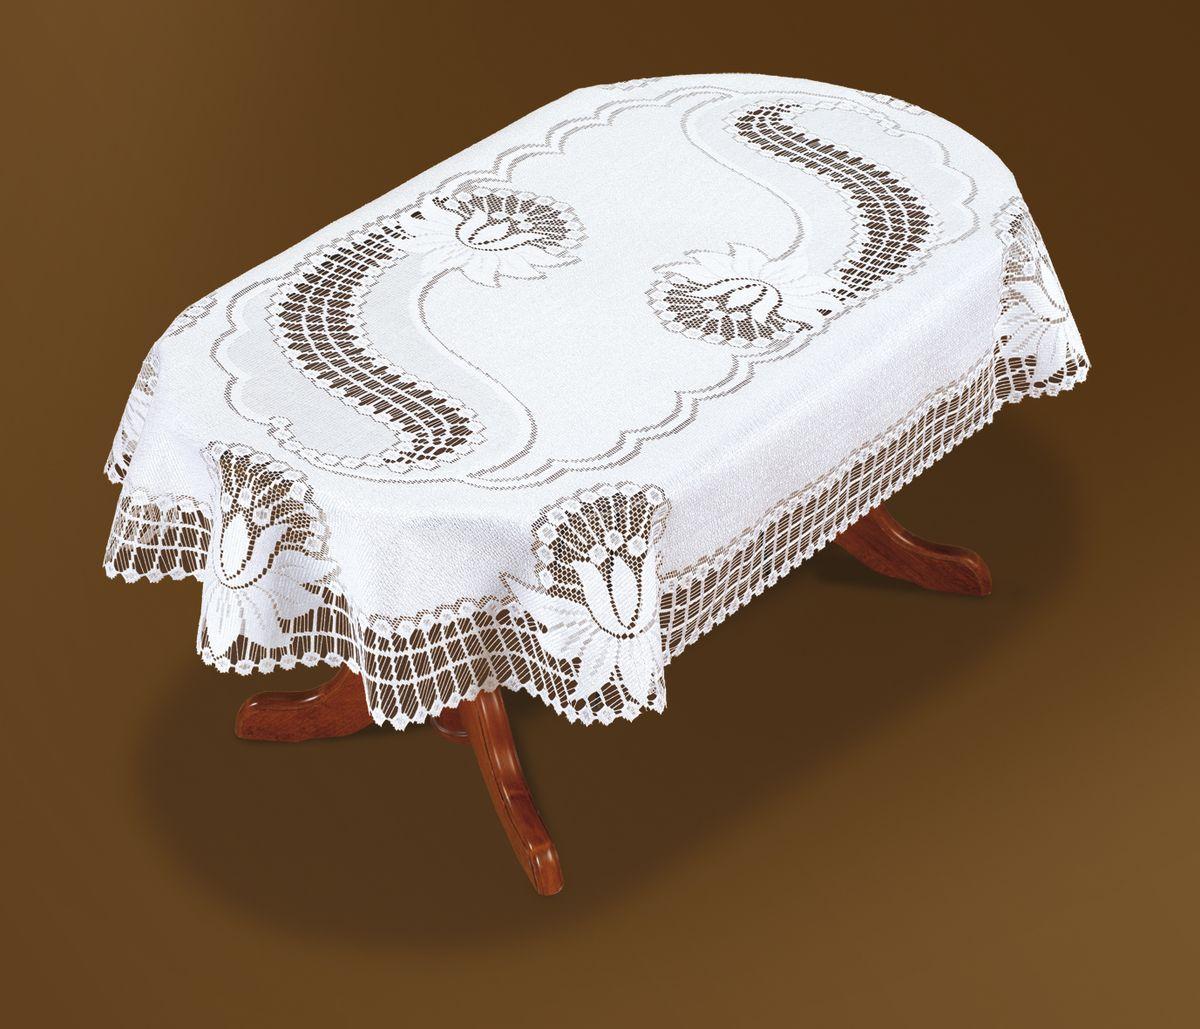 Скатерть Haft, овальная, цвет: белый, 250x 140 см. 46081-140200510-120 шоколадВеликолепная овальная скатерть Haft, выполненная из полиэстера, органично впишется в интерьер любого помещения, а оригинальный дизайн удовлетворит даже самый изысканный вкус. Скатерть изготовлена из сетчатого материала с ажурным рисунком. Края скатерти закруглены.Скатерть Haft создаст праздничное настроение и станет прекрасным дополнением интерьера гостиной, кухни или столовой.